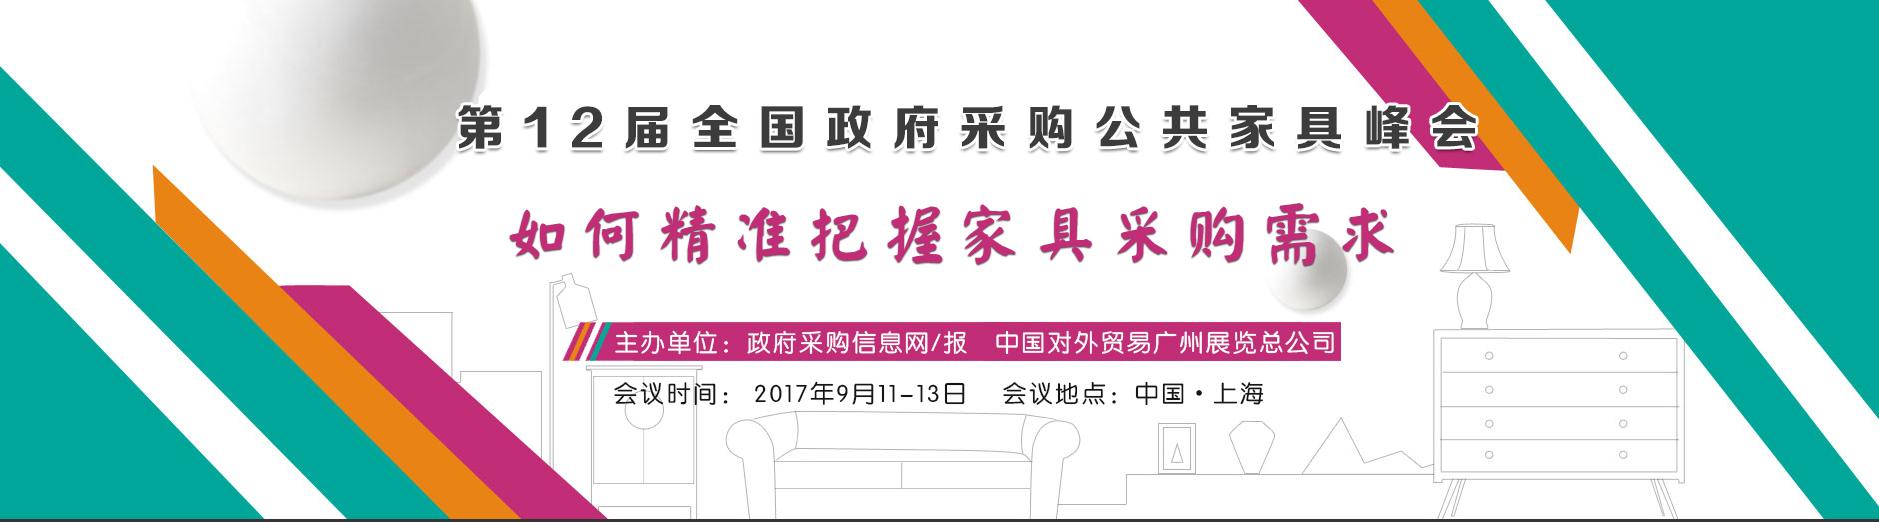 2016-2017年度全国政府采购办公家具系列评选活动